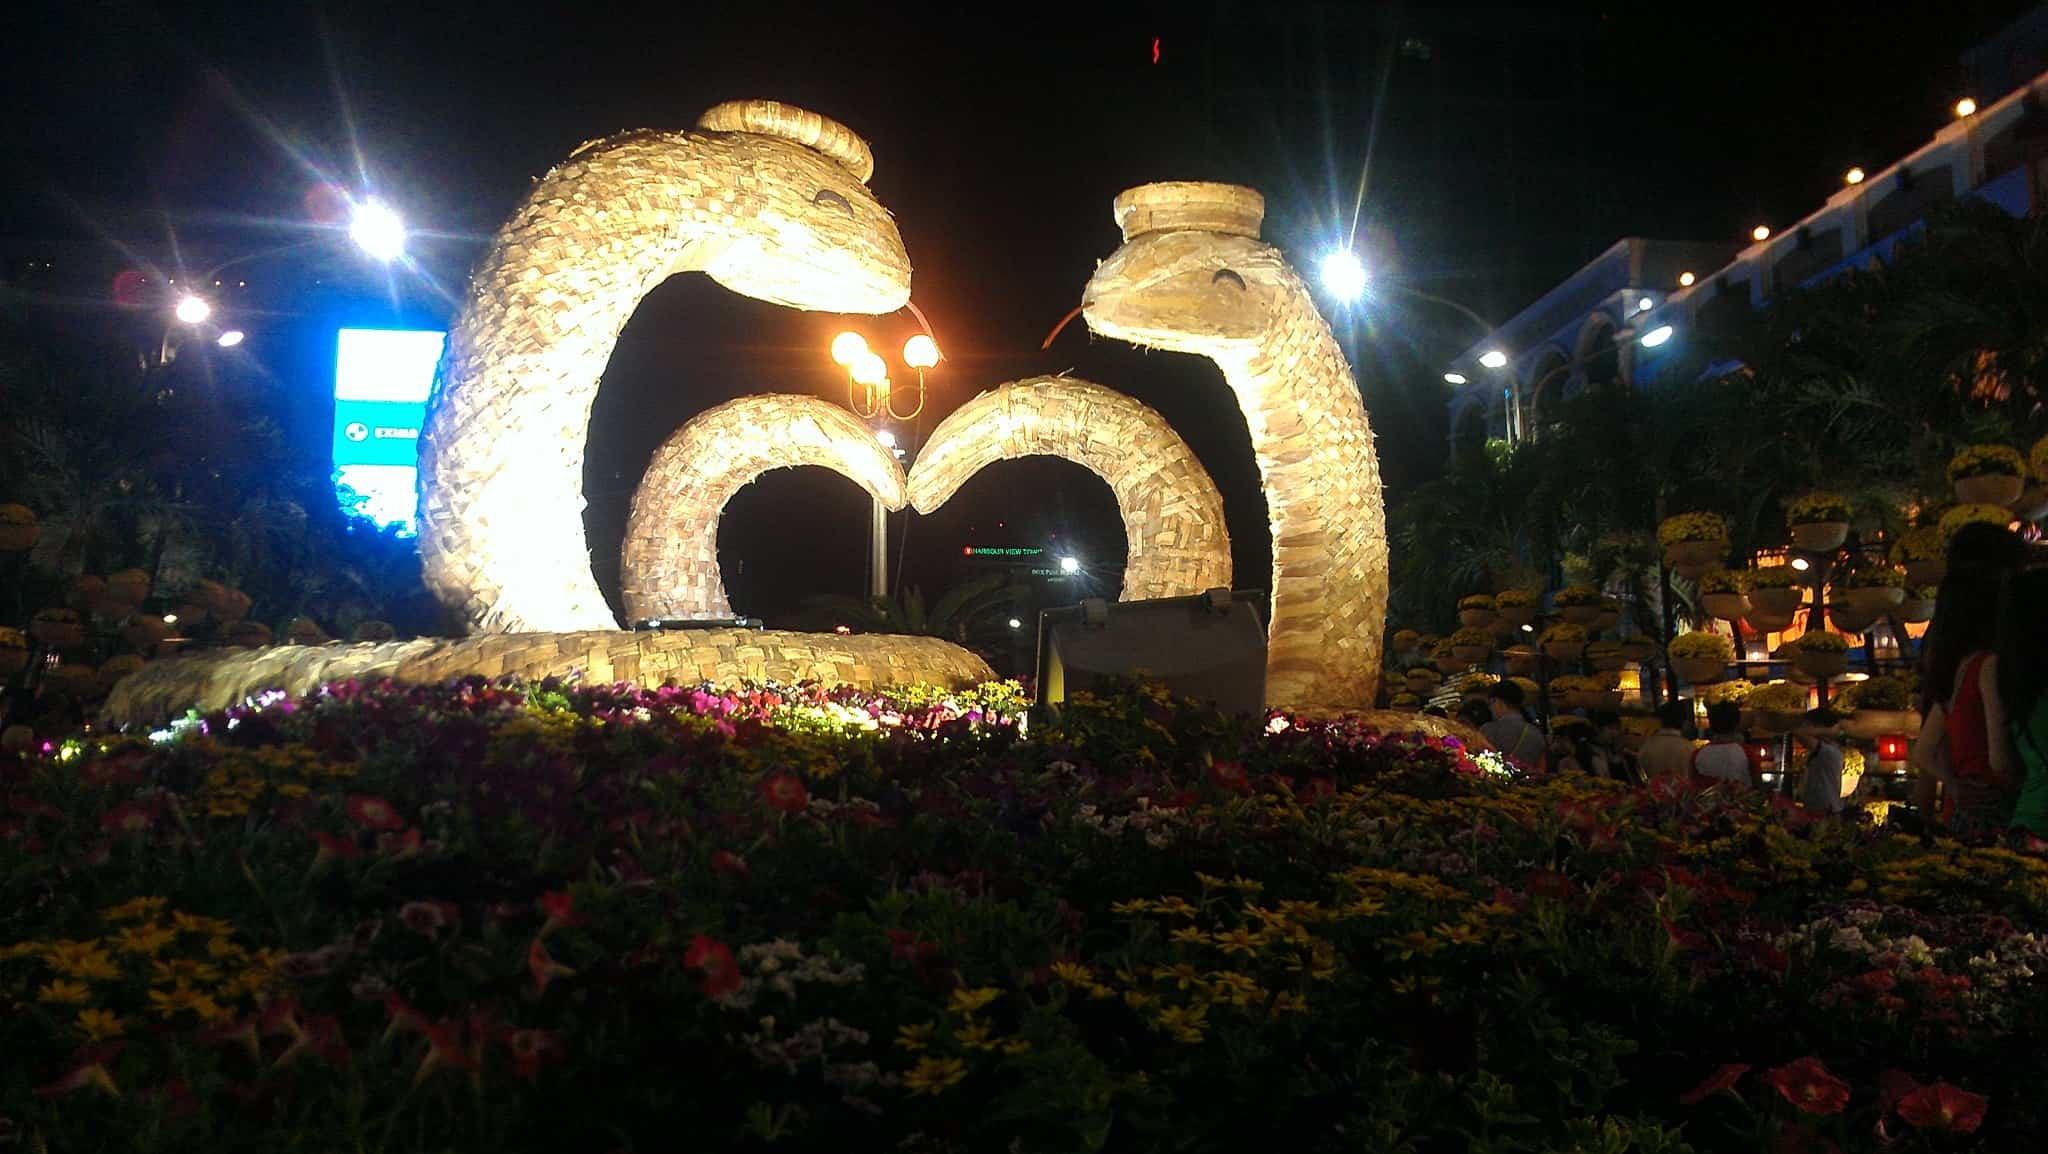 13 - Đường hoa Nguyễn Huệ tại Sài Gòn - TPHCM ở đâu, năm nay có gì mới?